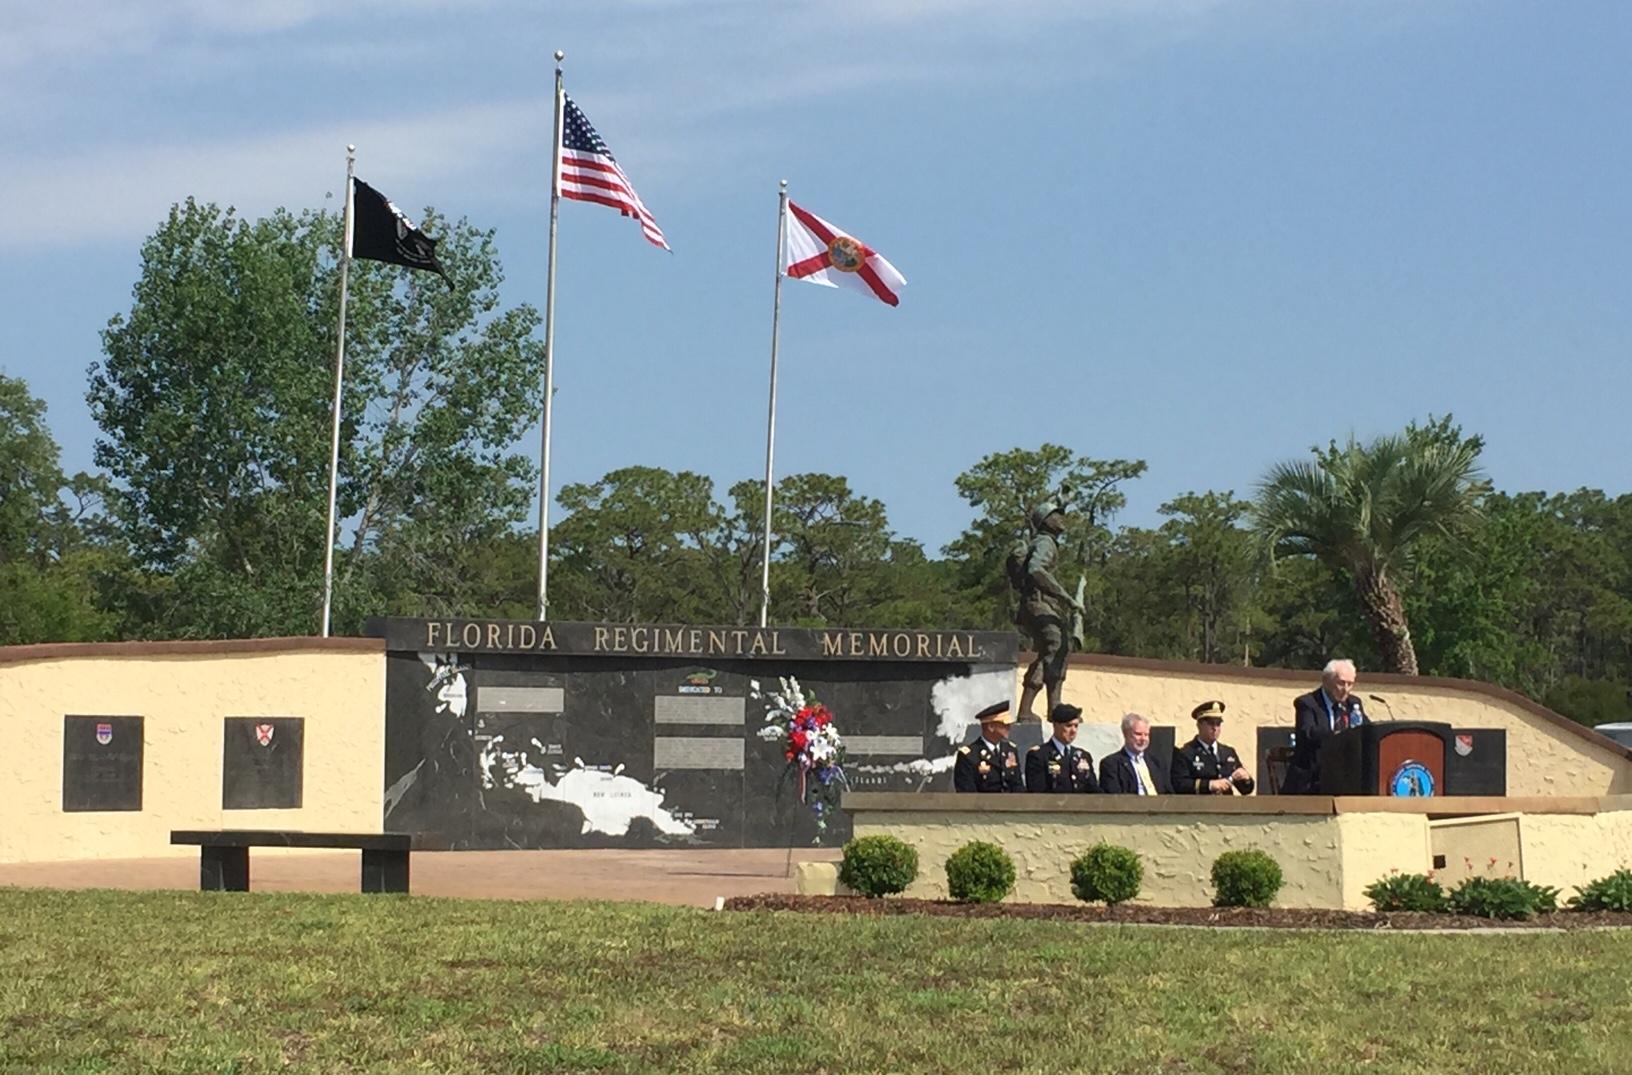 Camp Blanding Memorial Day